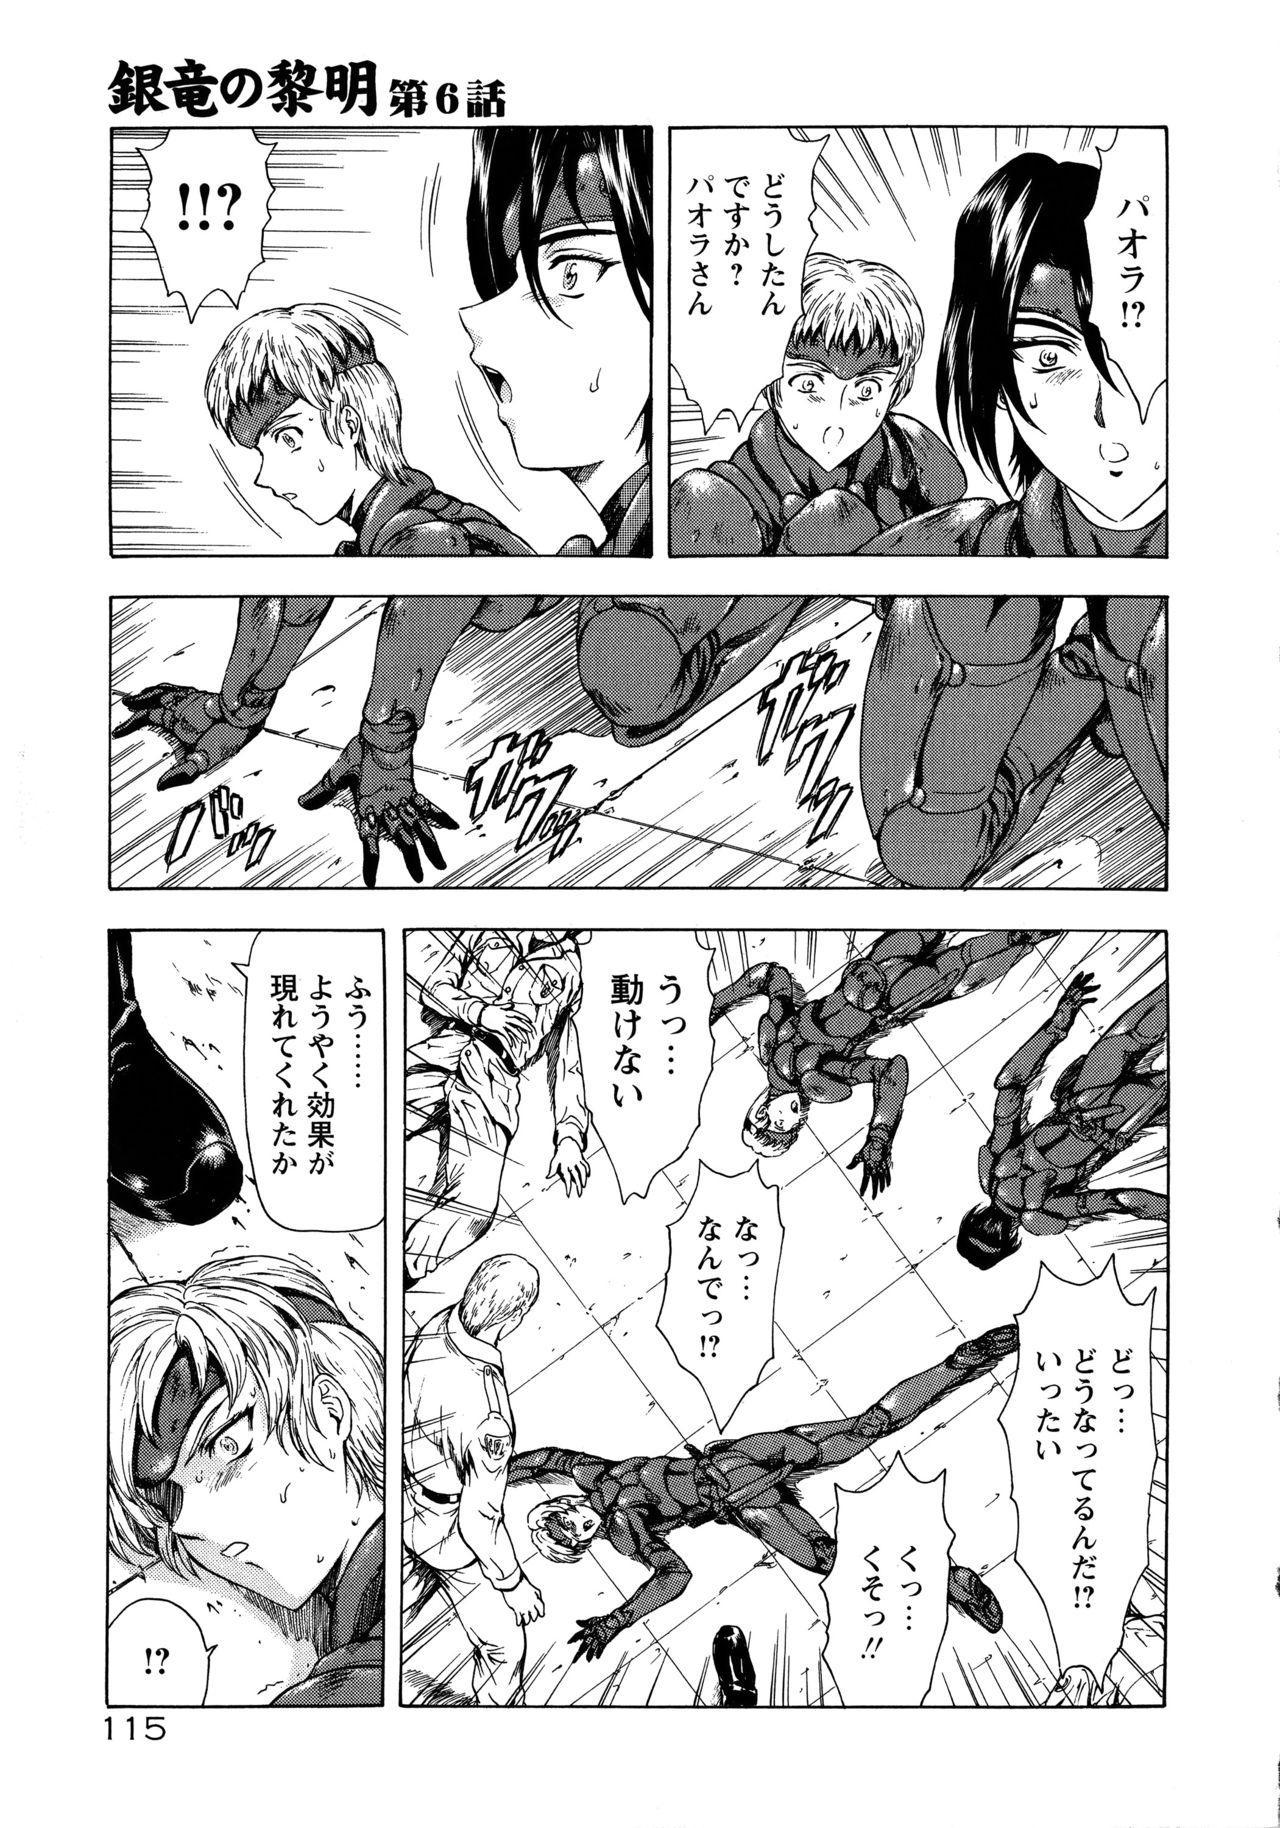 Ginryuu no Reimei Vol. 1 122